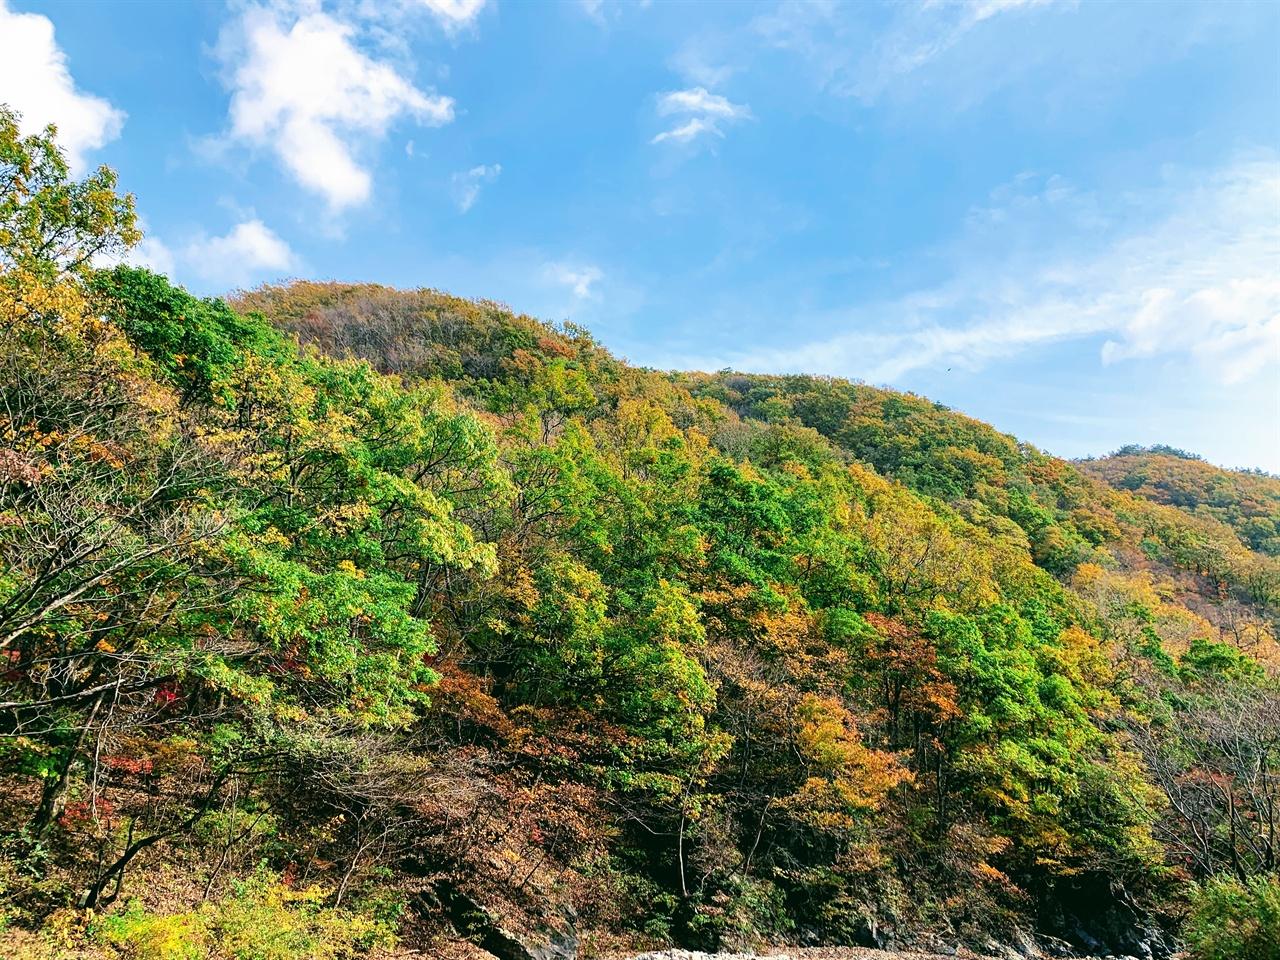 화려한 가을이 펼쳐져 있습니다.  가을하늘 아래로 울긋불긋 각양 각색의 색깔이 펼쳐진 가을산이 화려합니다.